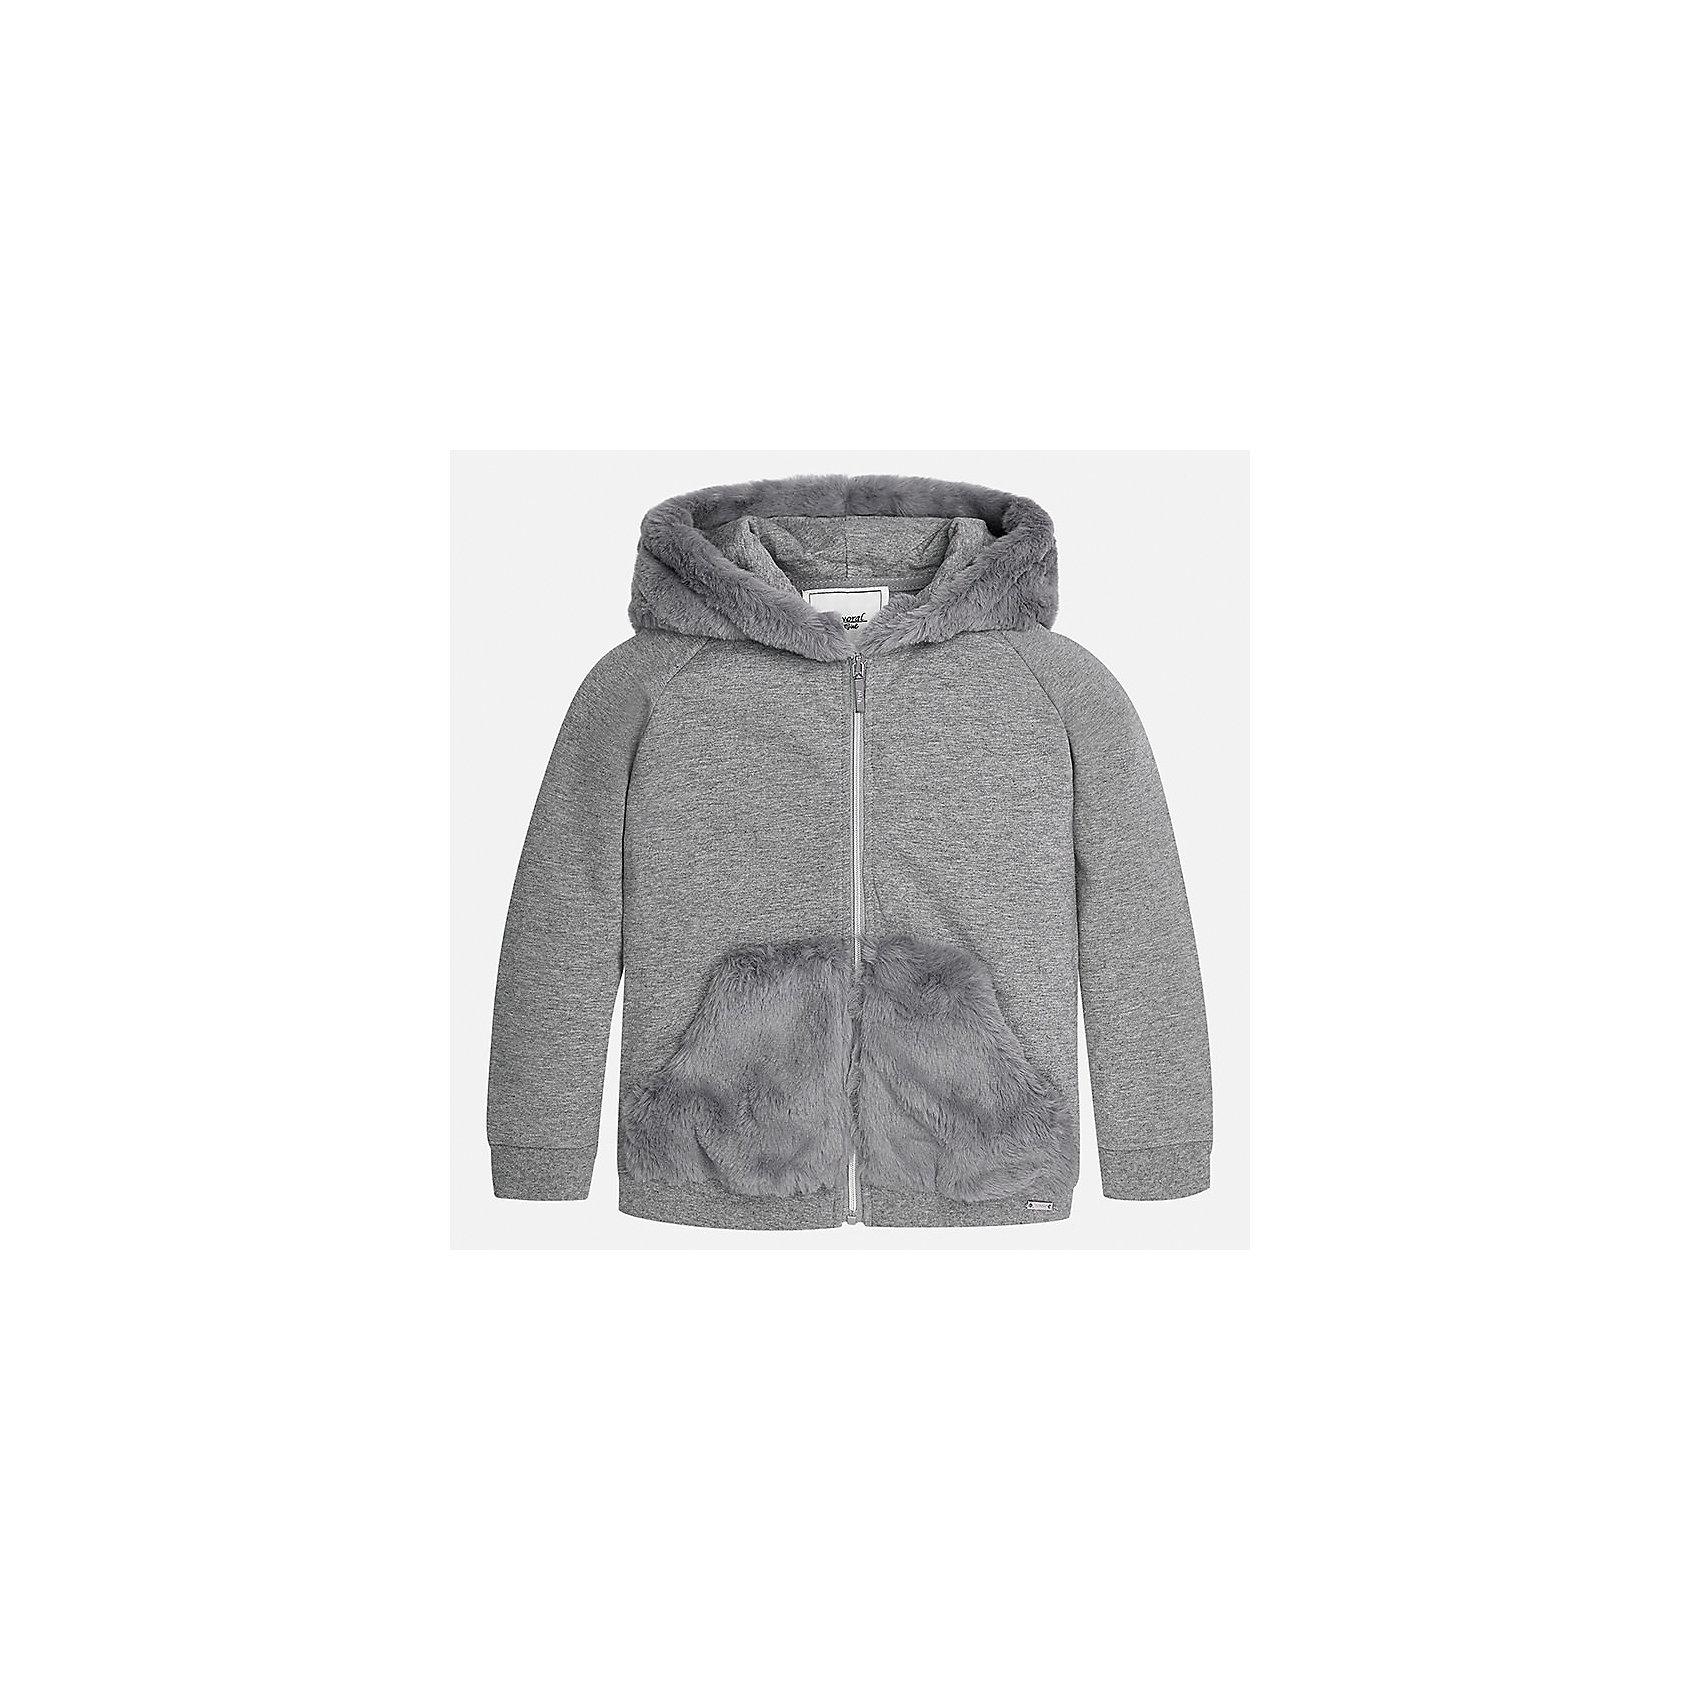 Жакет для мальчика MayoralДемисезонные куртки<br>Скоро осень, а значит Вашему малышу  понадобиться что-нибудь теплое. Значит, Вам прекрасно подойдет яркая, а главное, теплая куртка Mayoral!<br>Порадуйте своего модника хорошим подарком!<br><br>Дополнительная информация:<br><br>- Крой: прямой крой, расклешенный к низу.<br>- Страна бренда: Испания.<br>- Состав: <br>Верхняя ткань: полиэстер 100%.<br>Подкладка: полиэстер 100%.<br>Наполнитель: полиэстер 100%.<br>- Цвет: лимонный.<br>- Уход: бережная стирка при 30 градусах.<br><br>Купить куртку для мальчика Mayoral можно в нашем магазине.<br><br>Ширина мм: 190<br>Глубина мм: 74<br>Высота мм: 229<br>Вес г: 236<br>Цвет: желтый<br>Возраст от месяцев: 24<br>Возраст до месяцев: 36<br>Пол: Мужской<br>Возраст: Детский<br>Размер: 92,134,128,122,116,110,104,98<br>SKU: 4821977